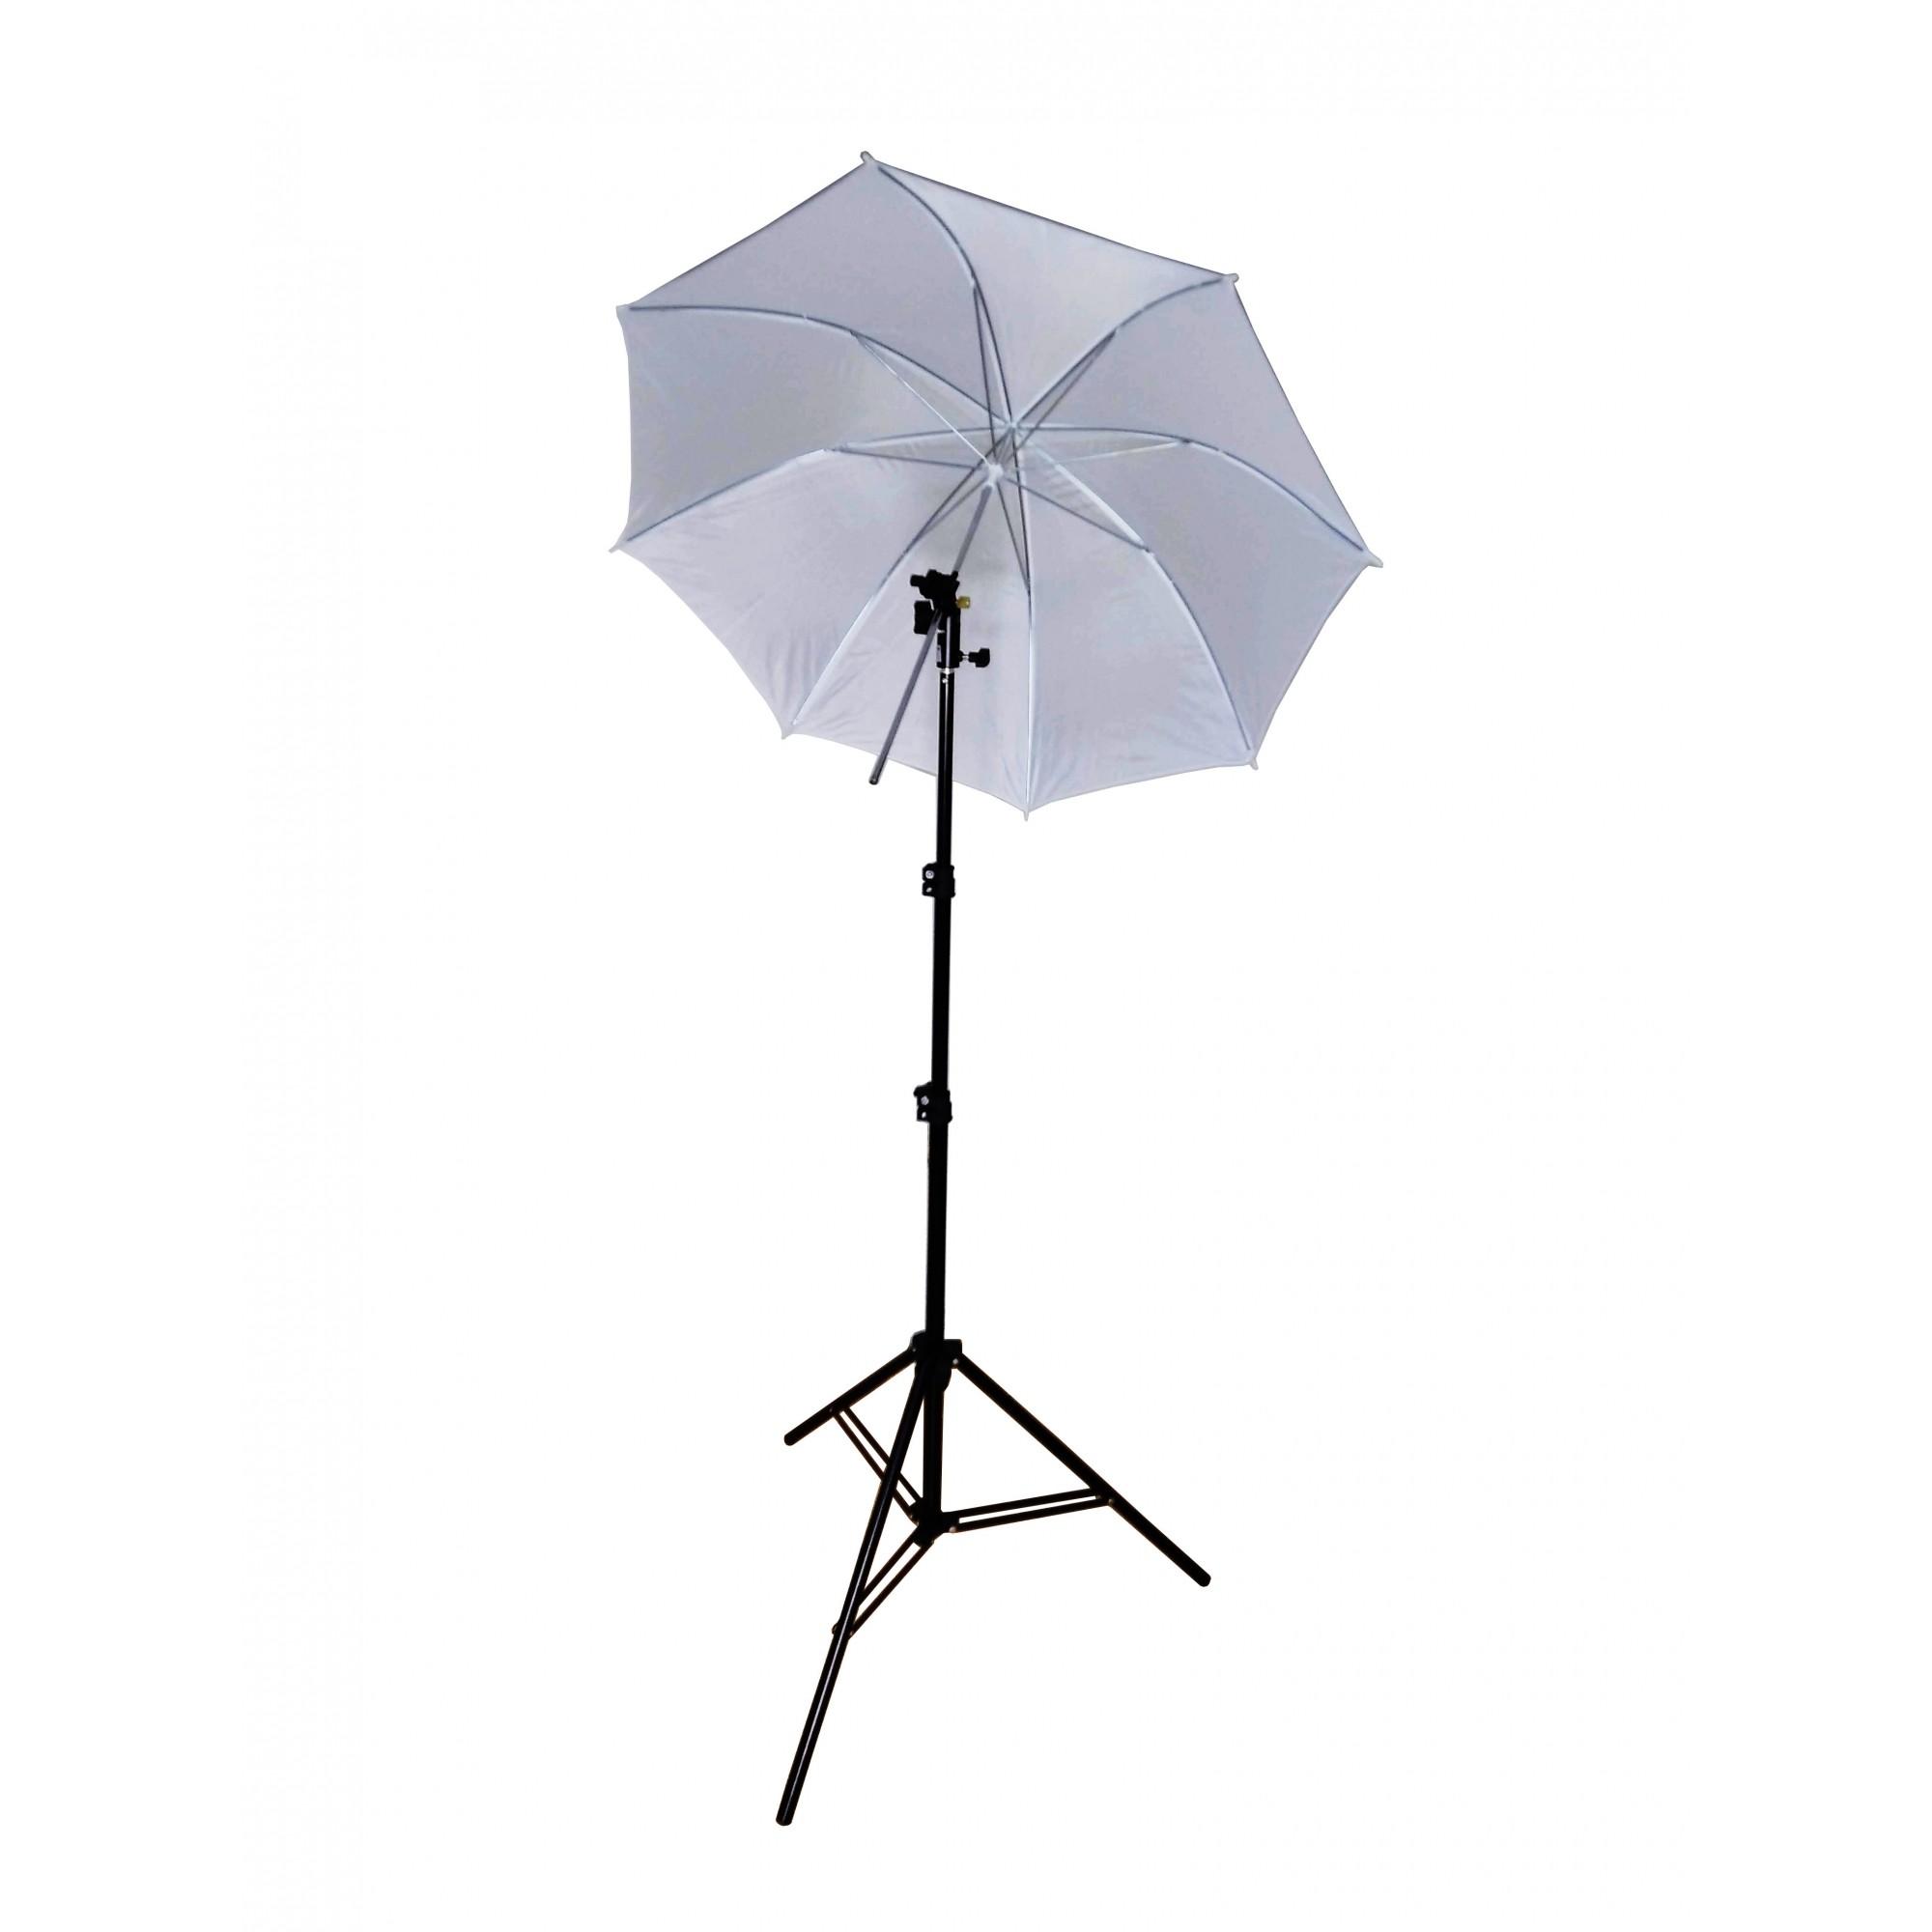 Kit Para Iluminação De Estúdio - Sombrinha Difusora Branca + Tripé 2 Metros st803 + Suporte Flash Speedlight